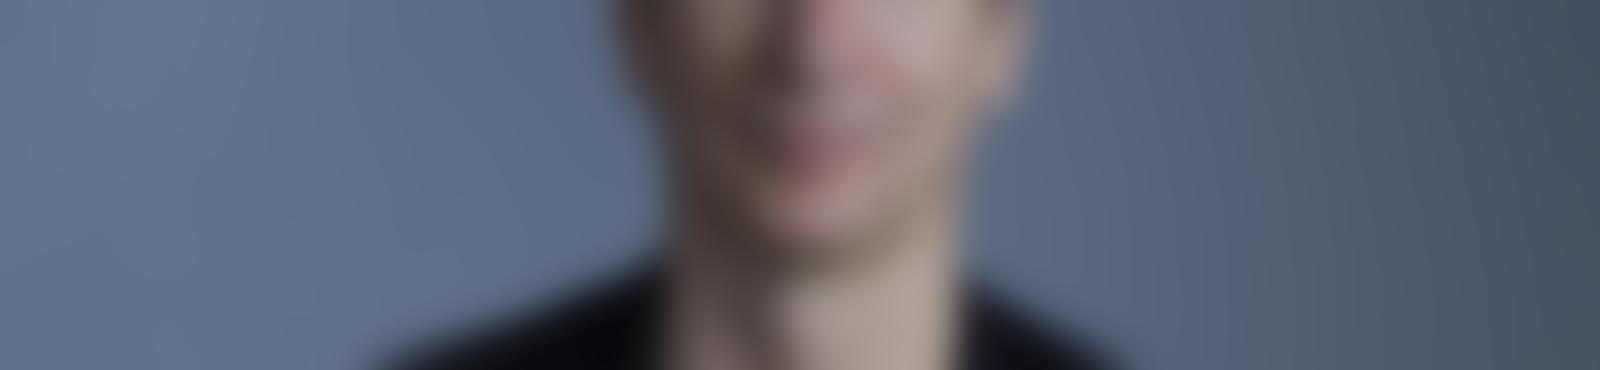 Blurred 0e015945 25a1 4aca 9ff4 c78d41baa976